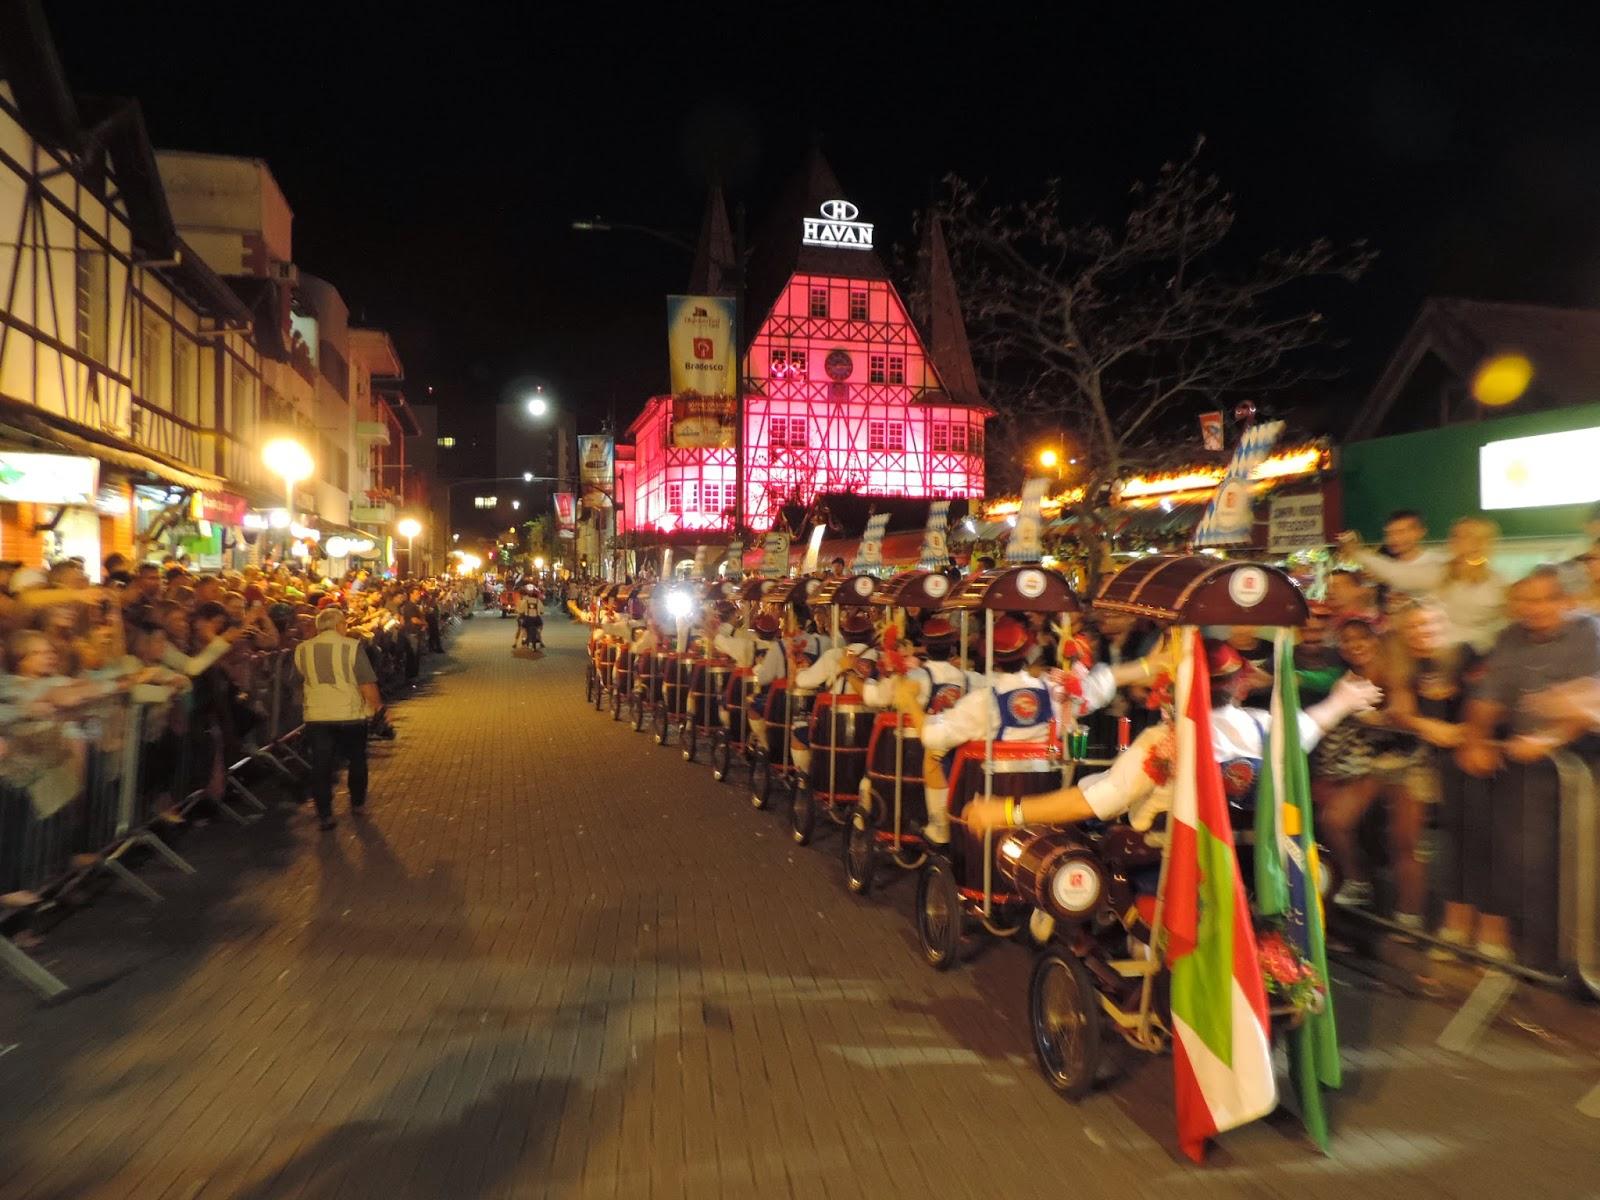 Desfiles da Oktoberfest Blumenau mostram a cultura e tradições da cidade